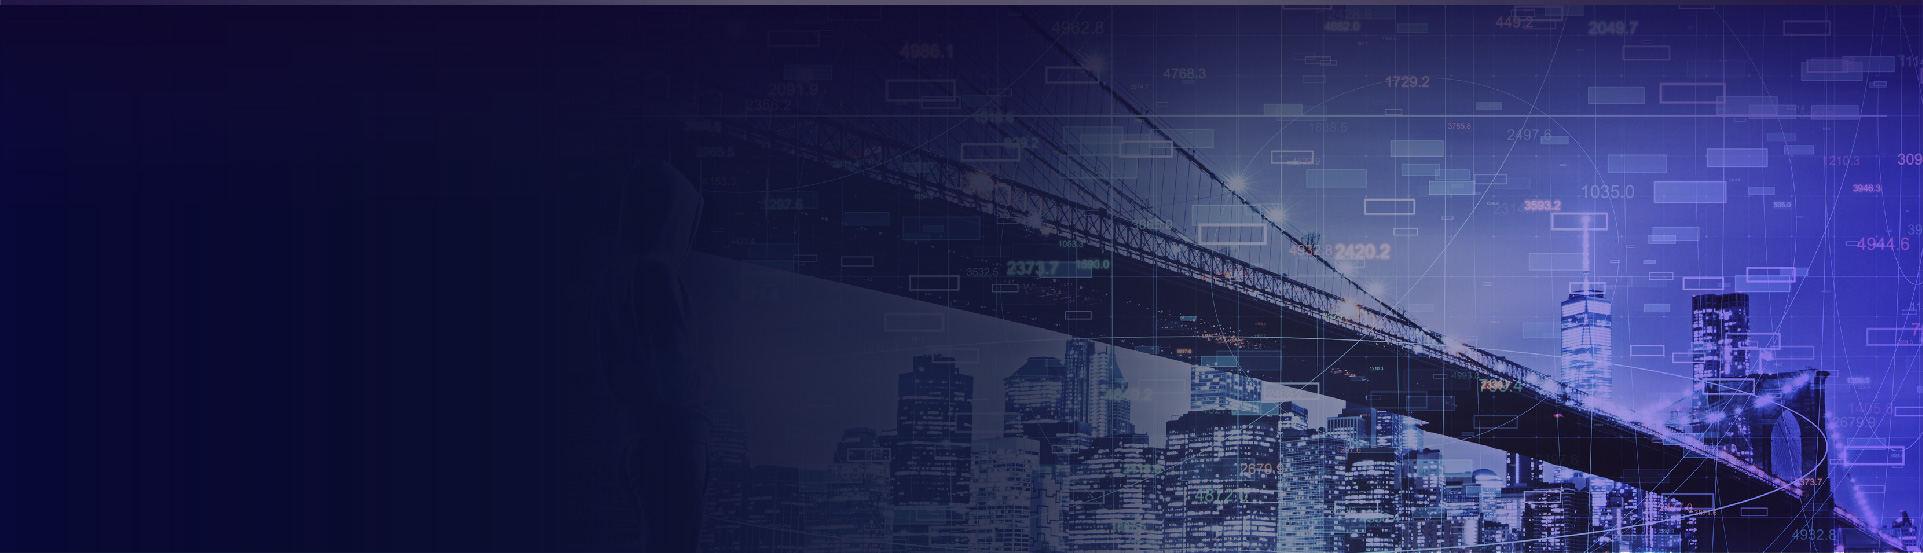 从文档到内容, 元数据服务架起数据业务化的桥梁